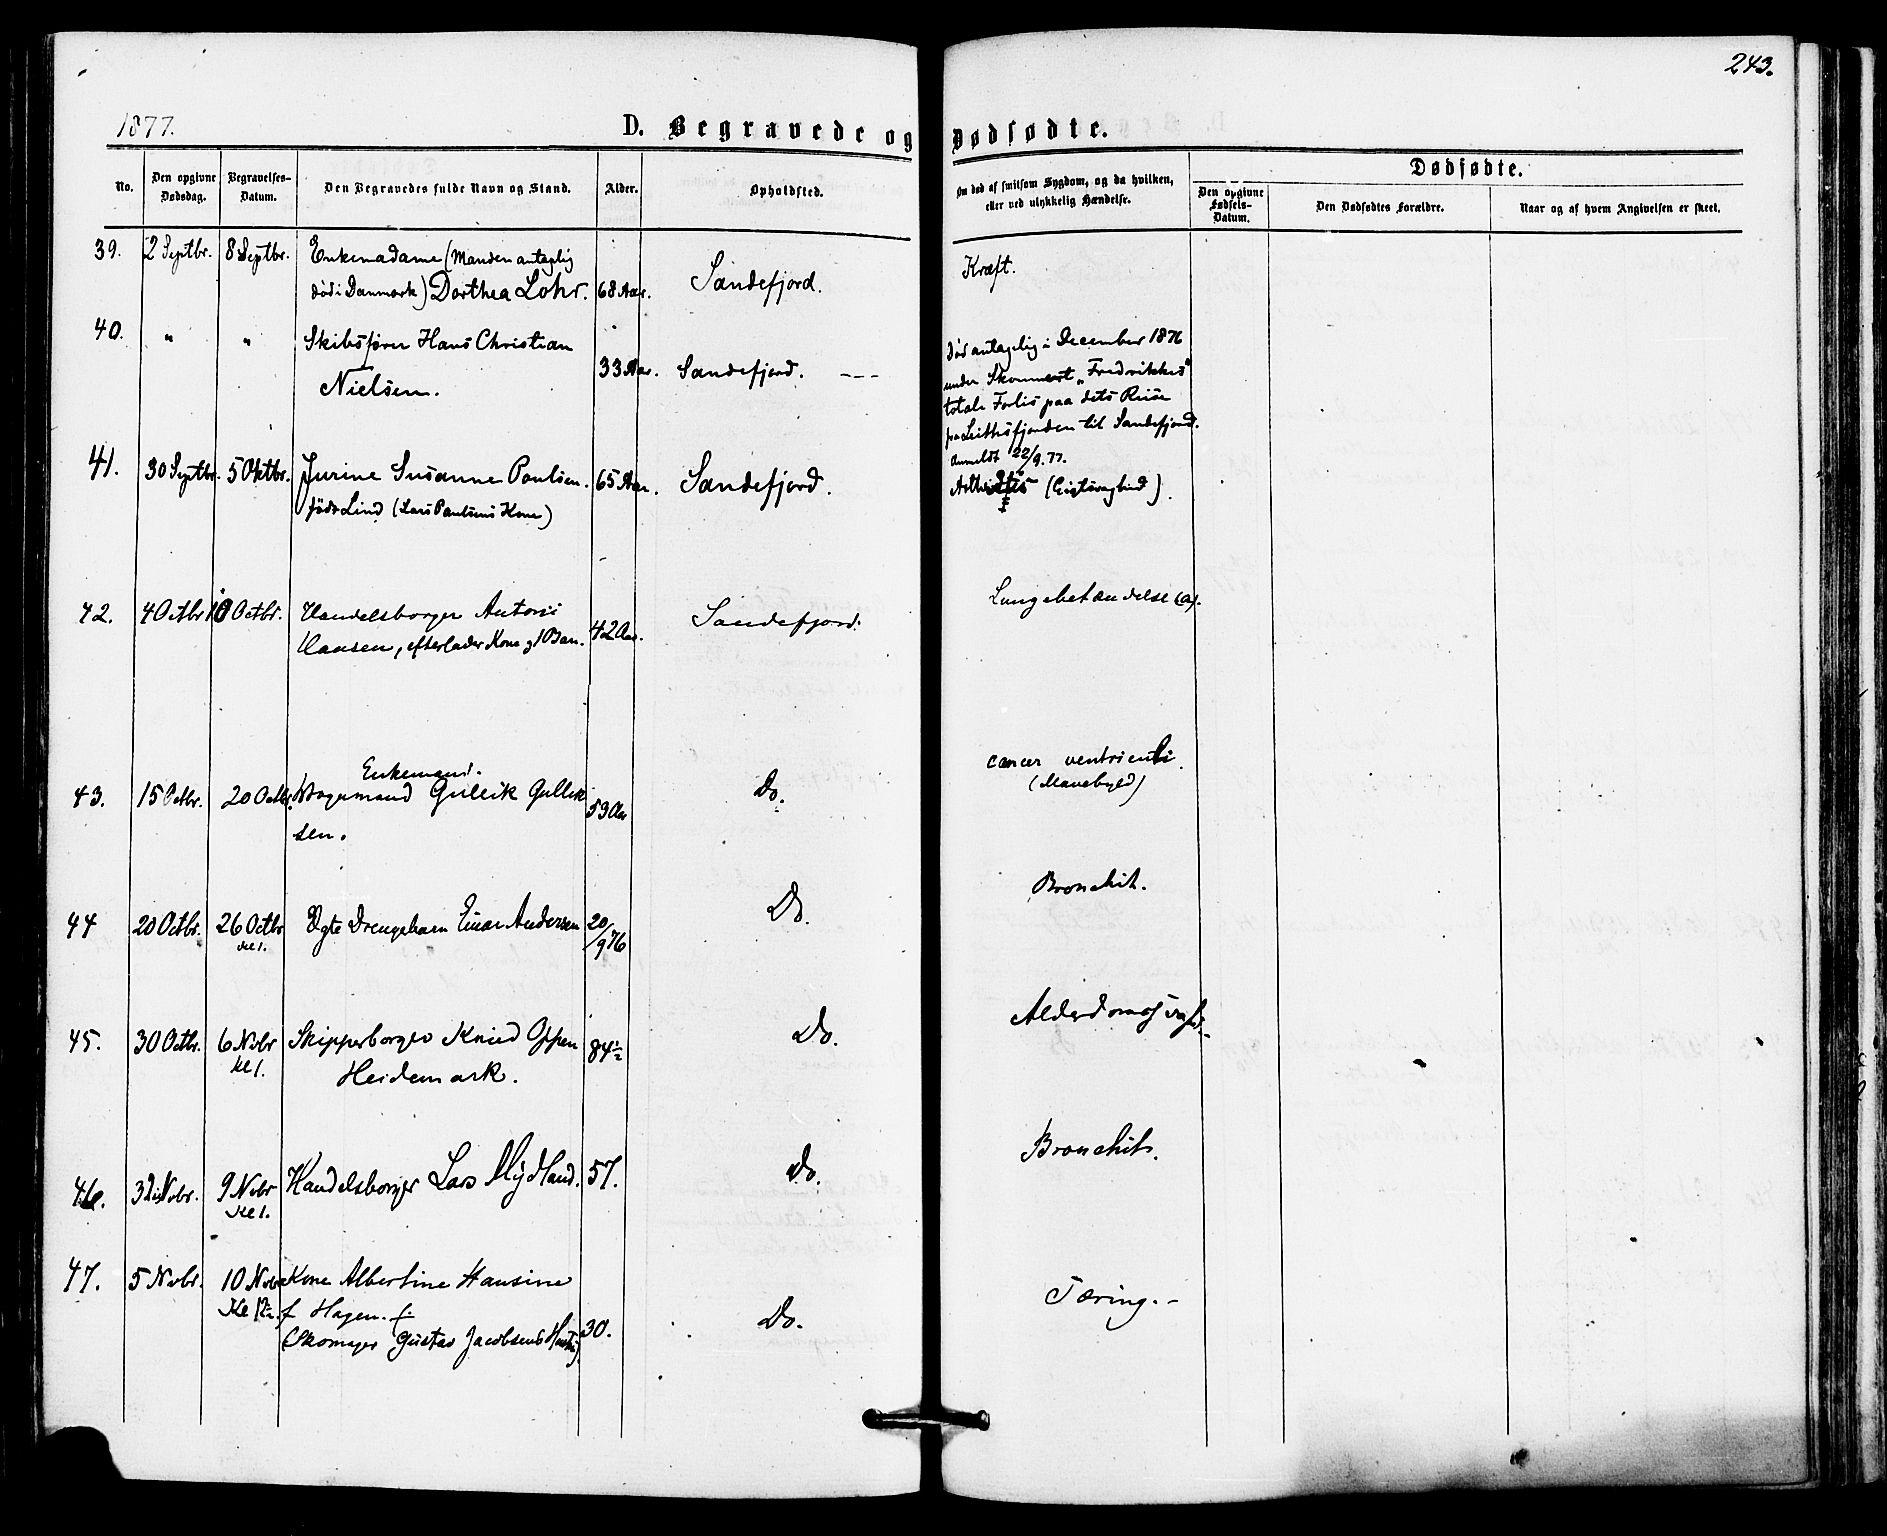 SAKO, Sandefjord kirkebøker, F/Fa/L0001: Ministerialbok nr. 1, 1873-1879, s. 243